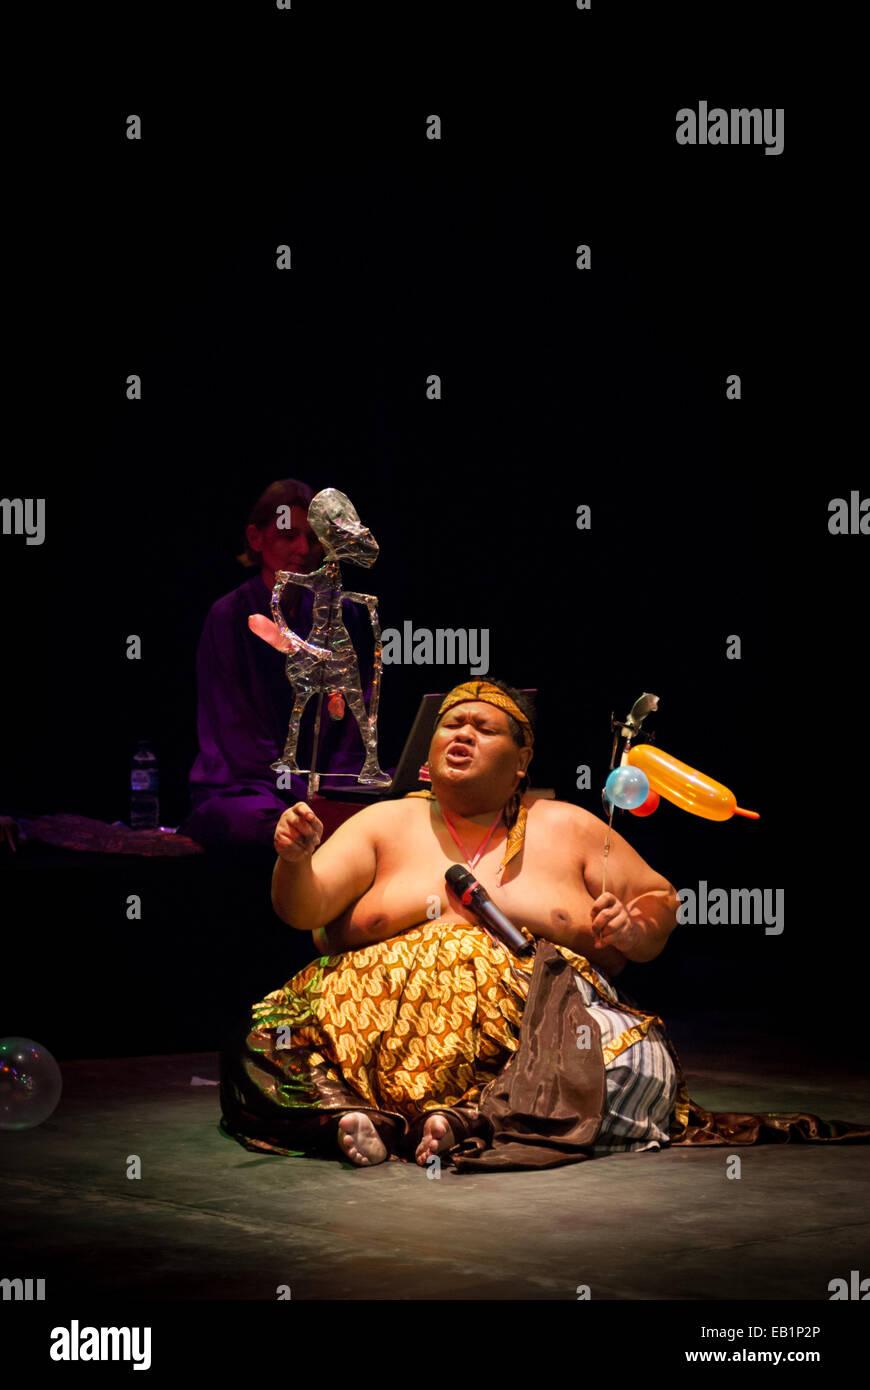 Slamet Gundono, un marionnettiste contemporaine indonésienne tardive durant un spectacle au théâtre Photo Stock